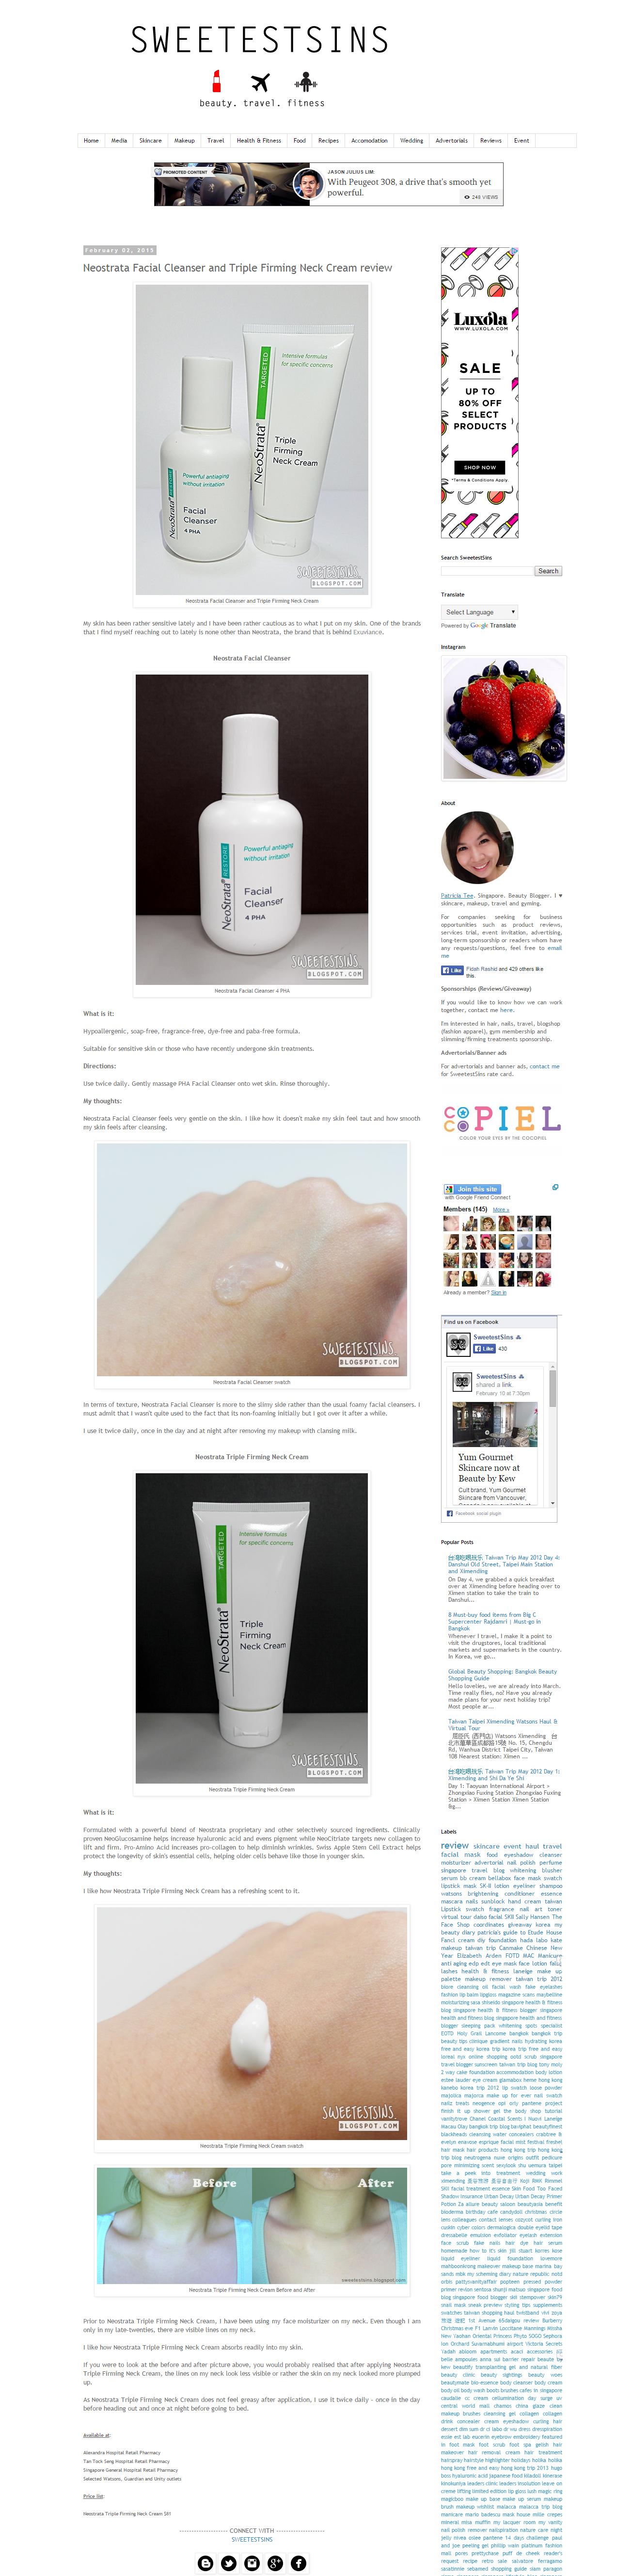 2015 02 02 - sweetestsins.blogspot.sg - NST TFN & PHA Cleanser